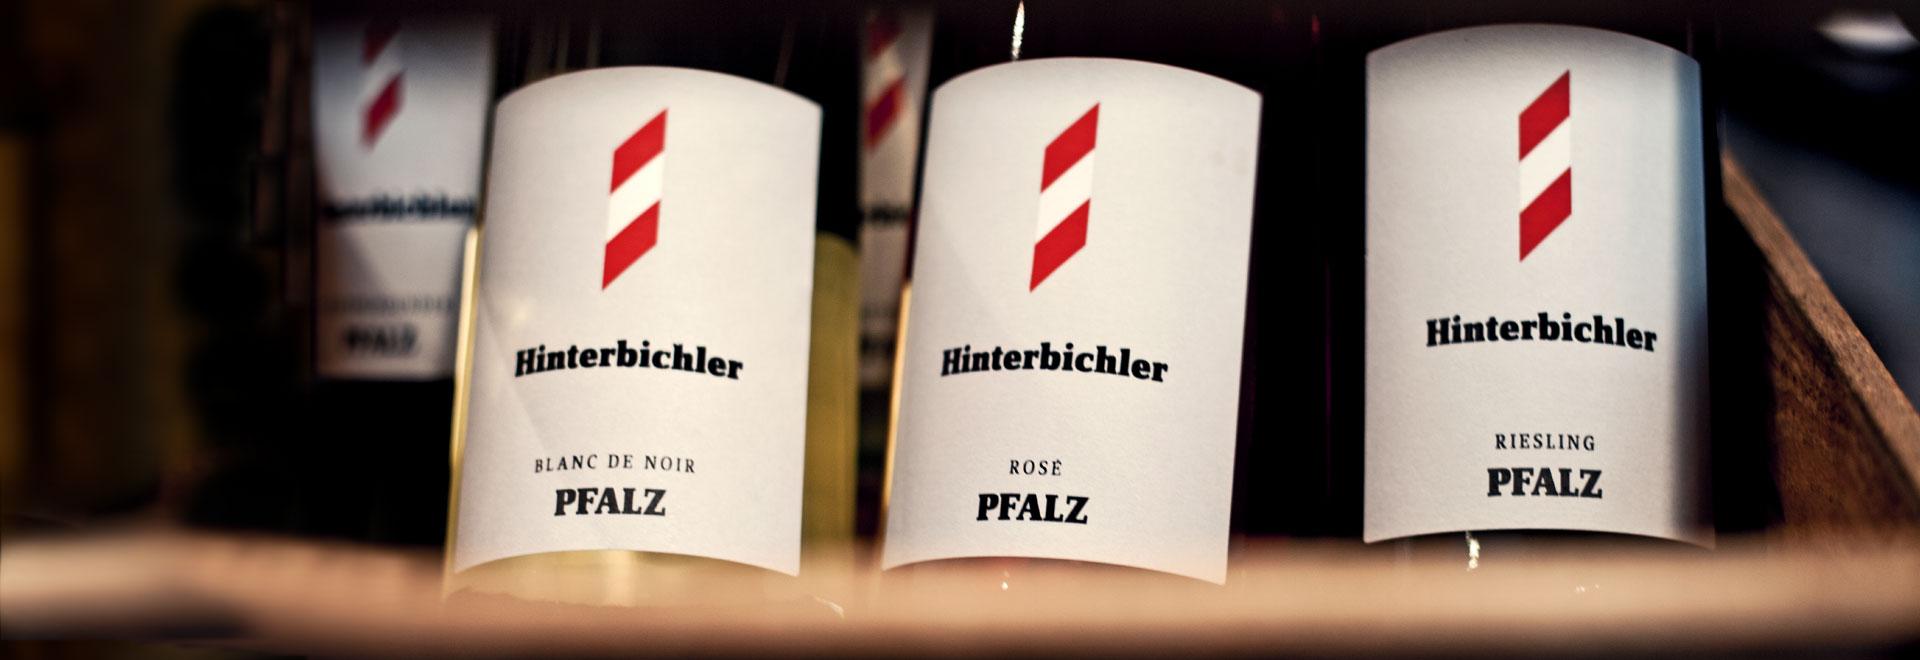 Slider_Wein_Hinterbichler